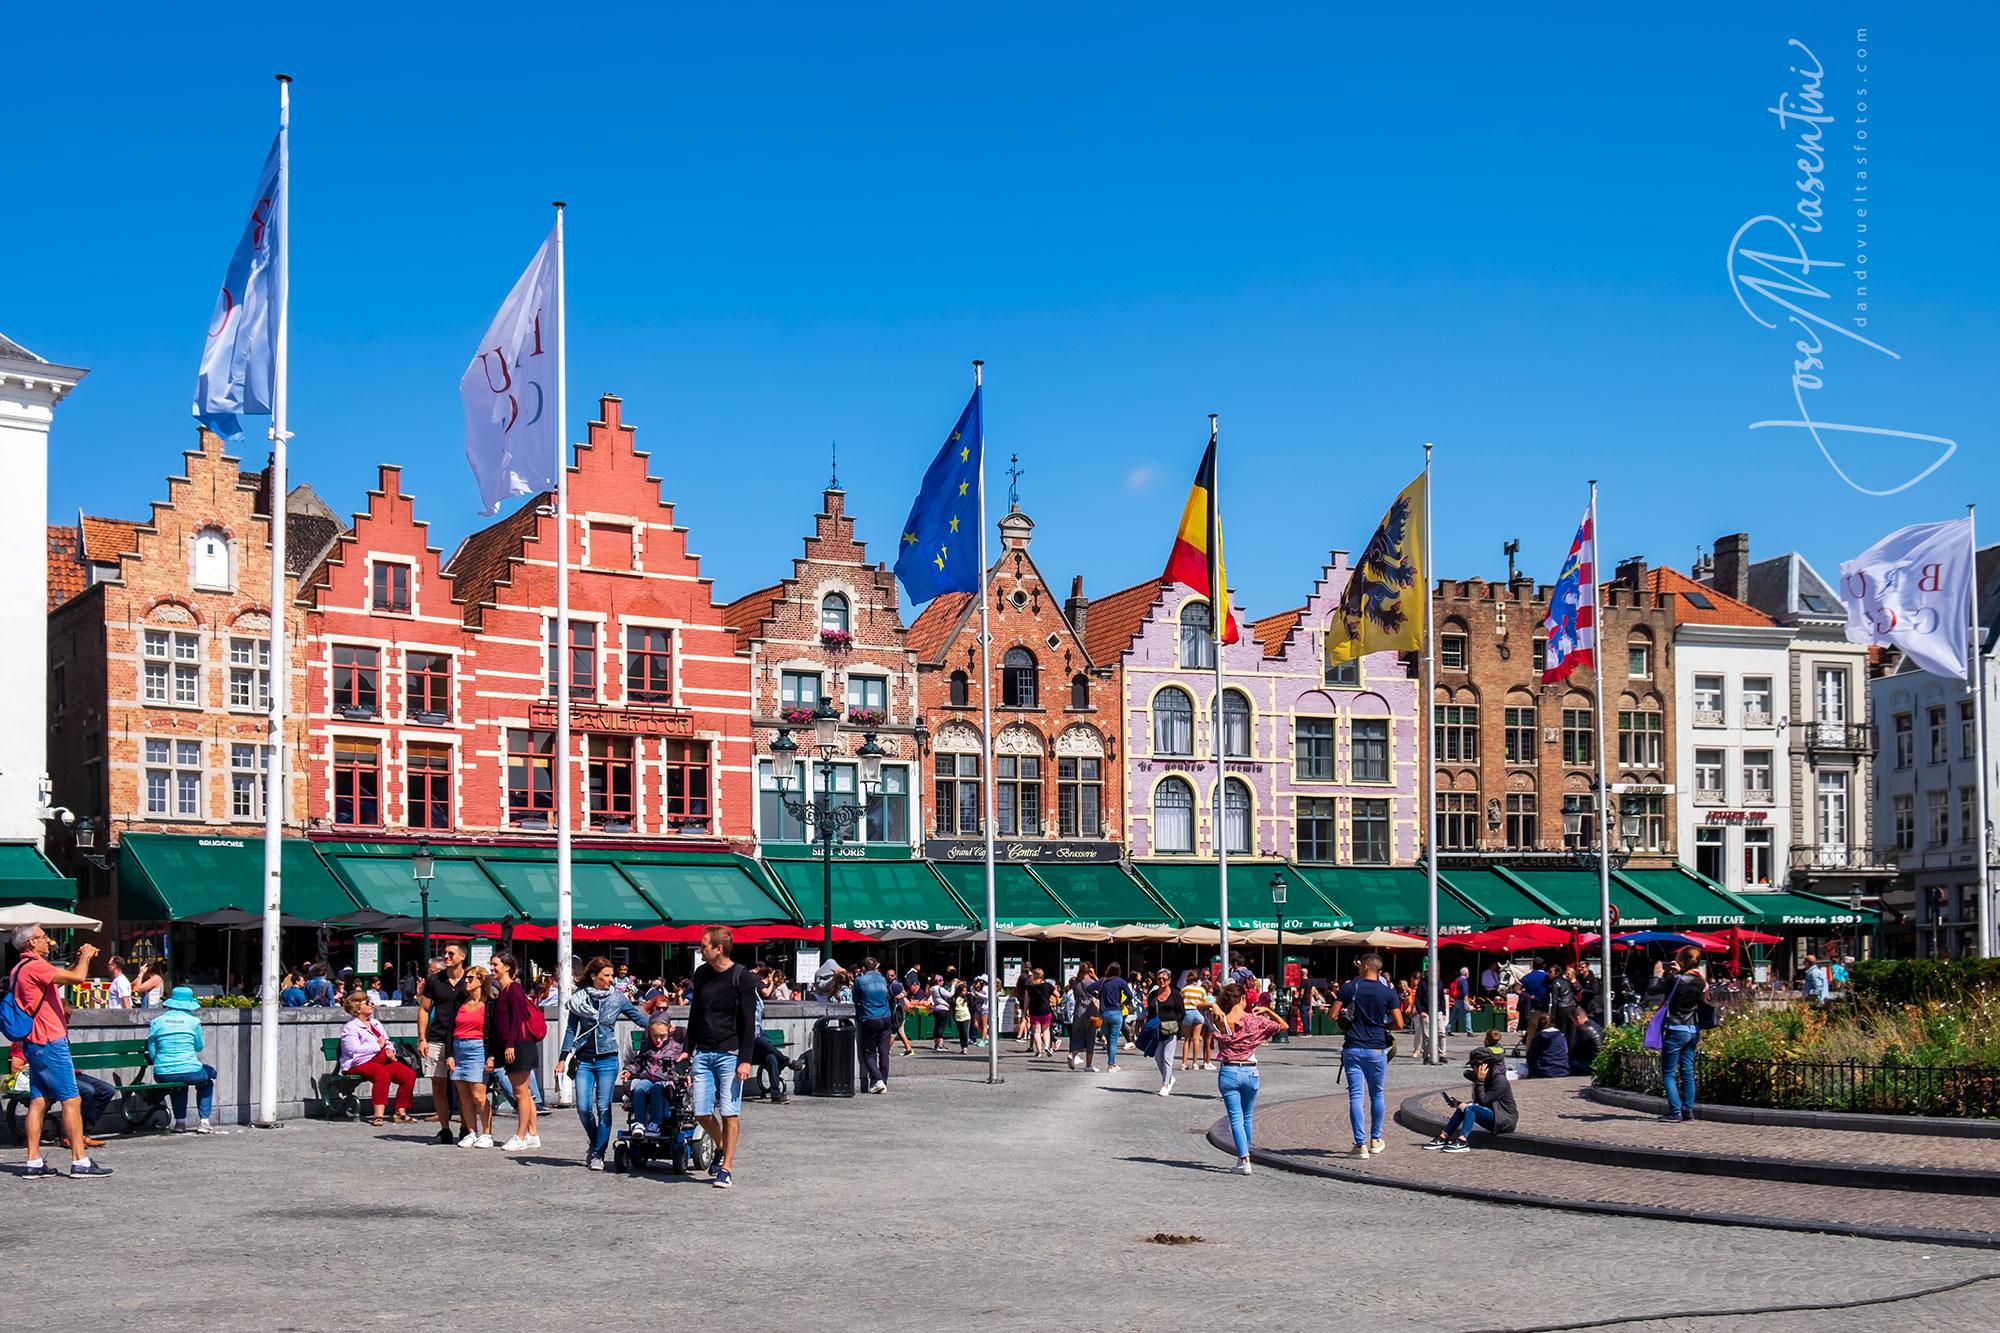 Un paseo por la Plaza Grote Markt UNESCO